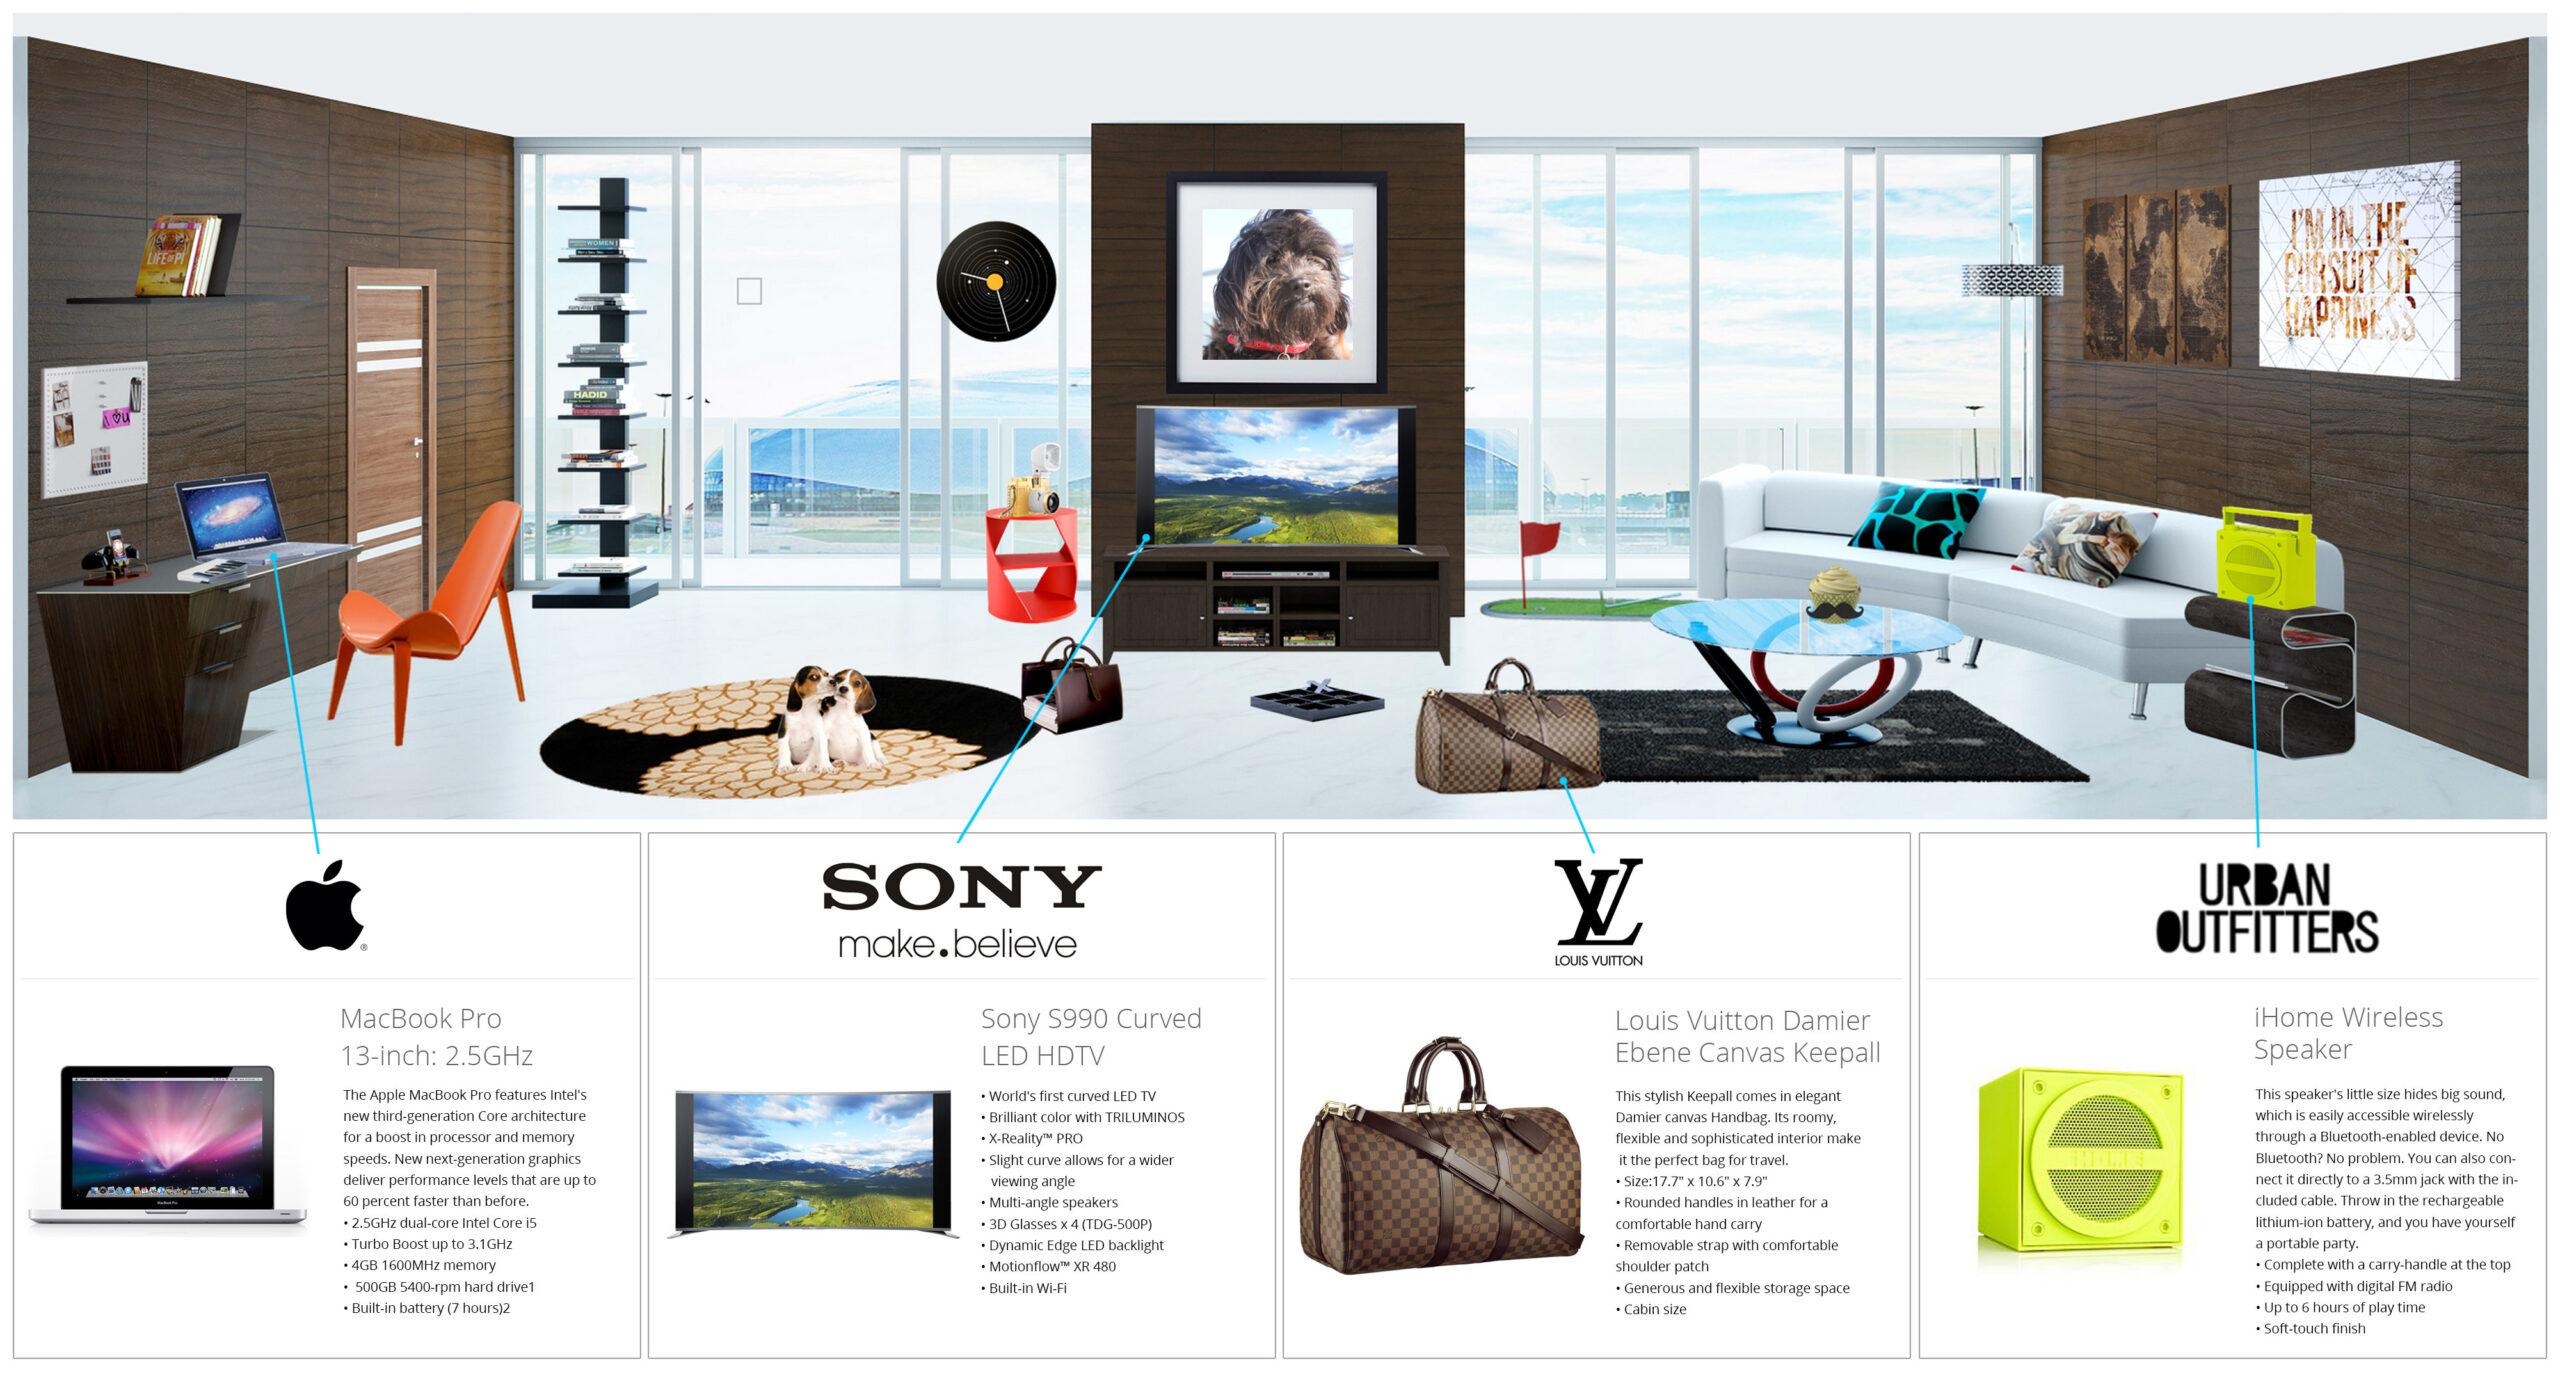 Photo Credit: mywebroom.com